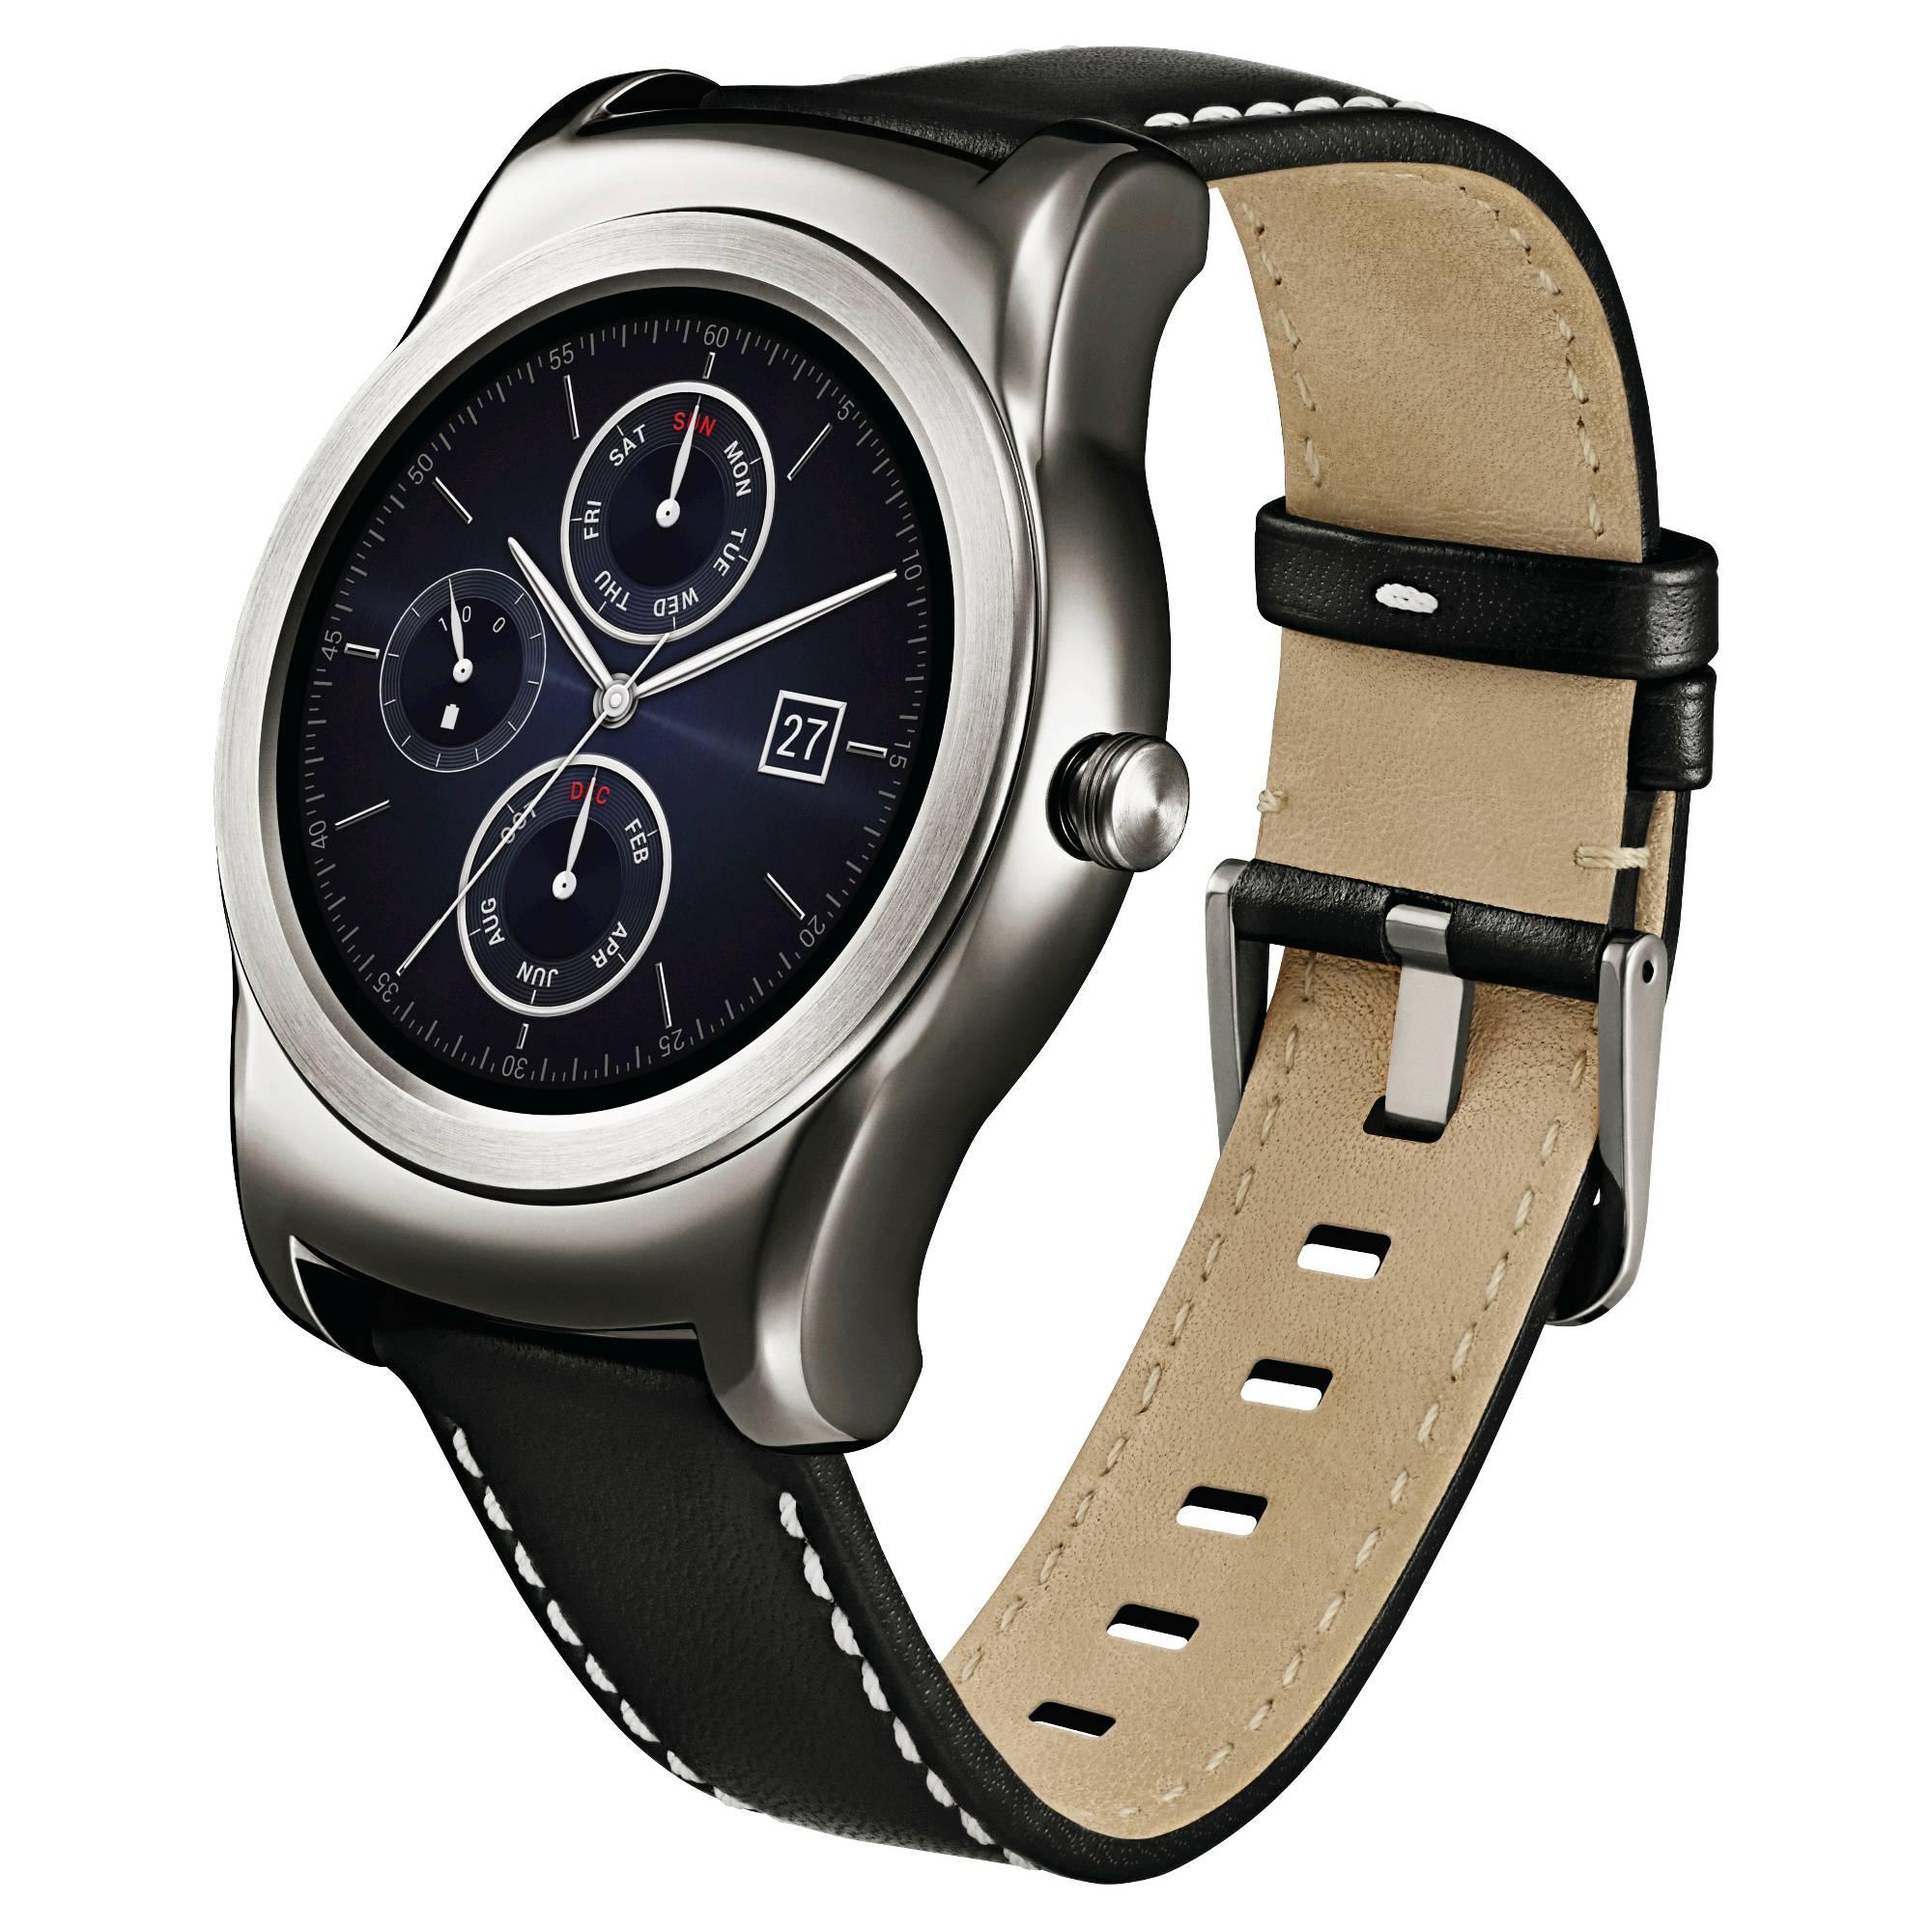 Target LG Watch Urbane Wearable Smart Watch YMMV $104.98 BM